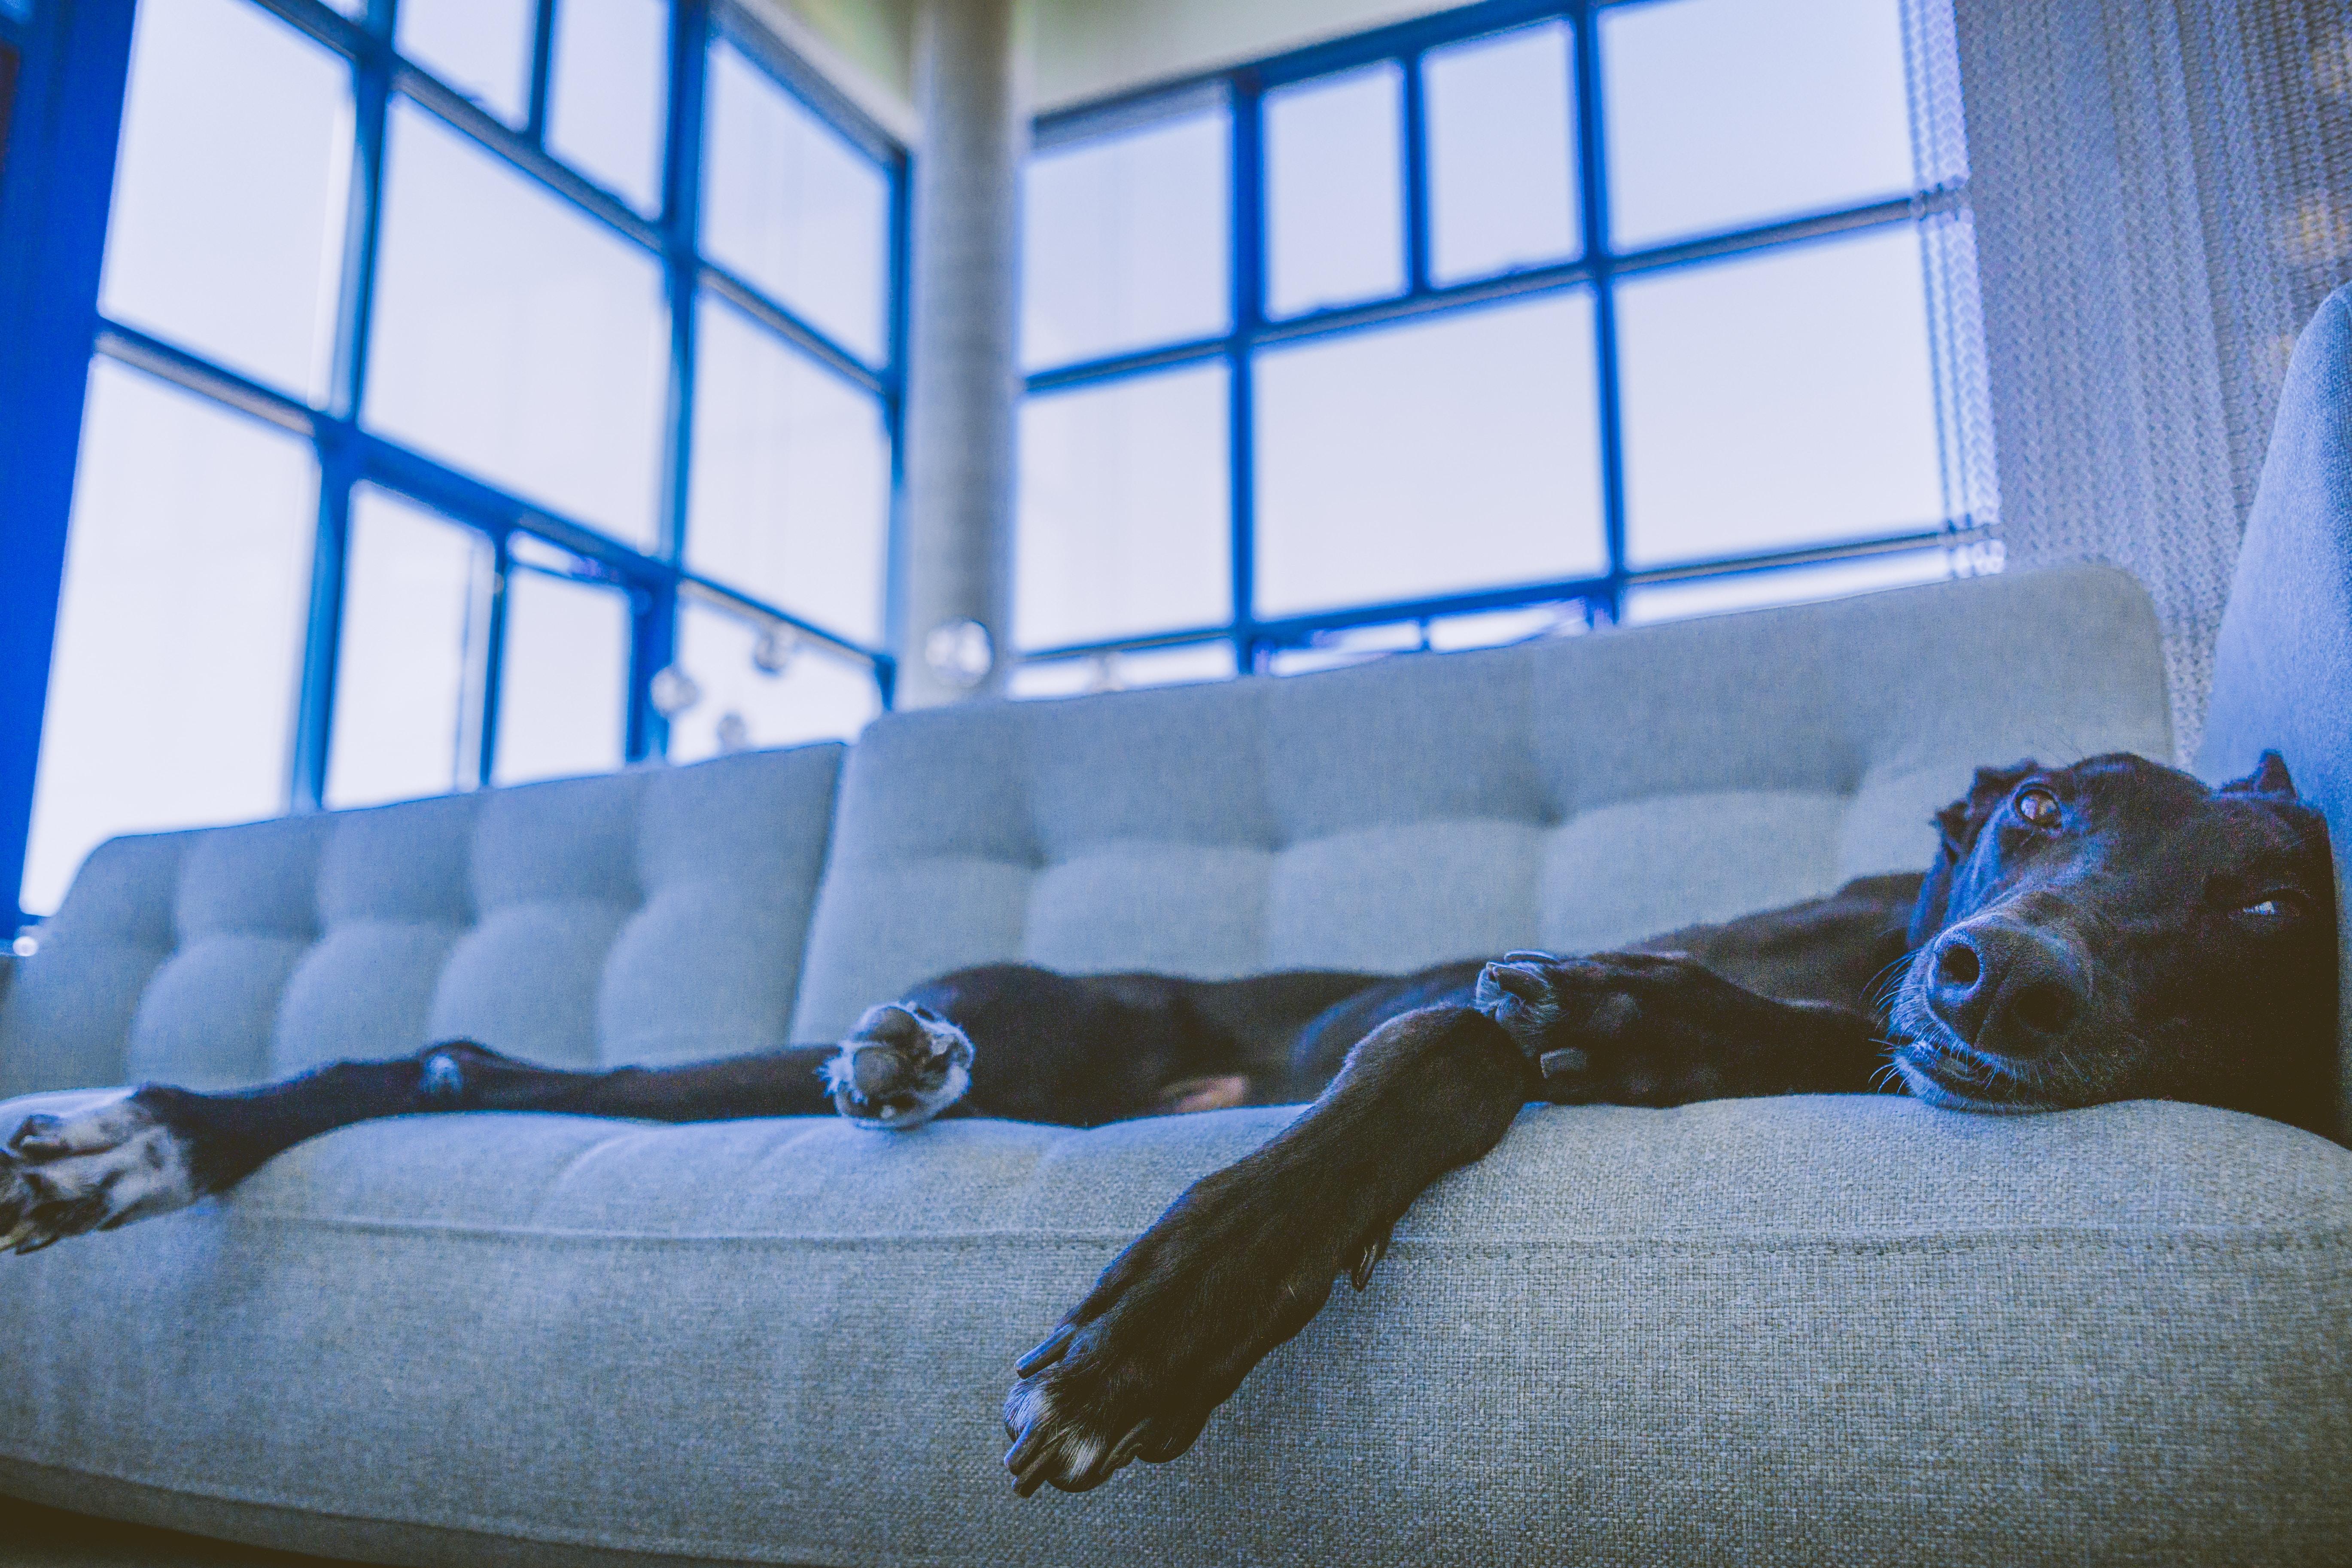 short-coated black dog lying on gray sofa